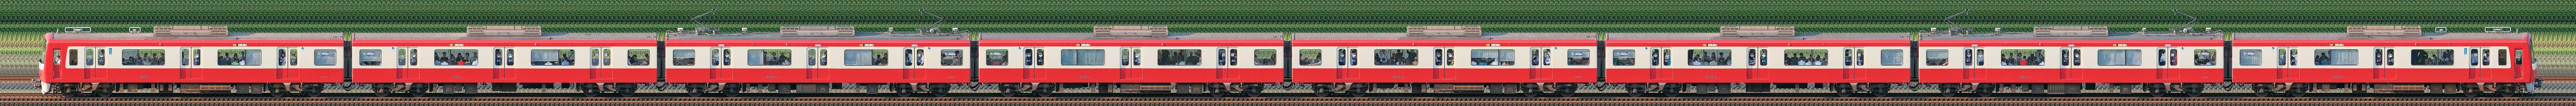 京急電鉄 600形(4次車)608編成(海側)の編成サイドビュー